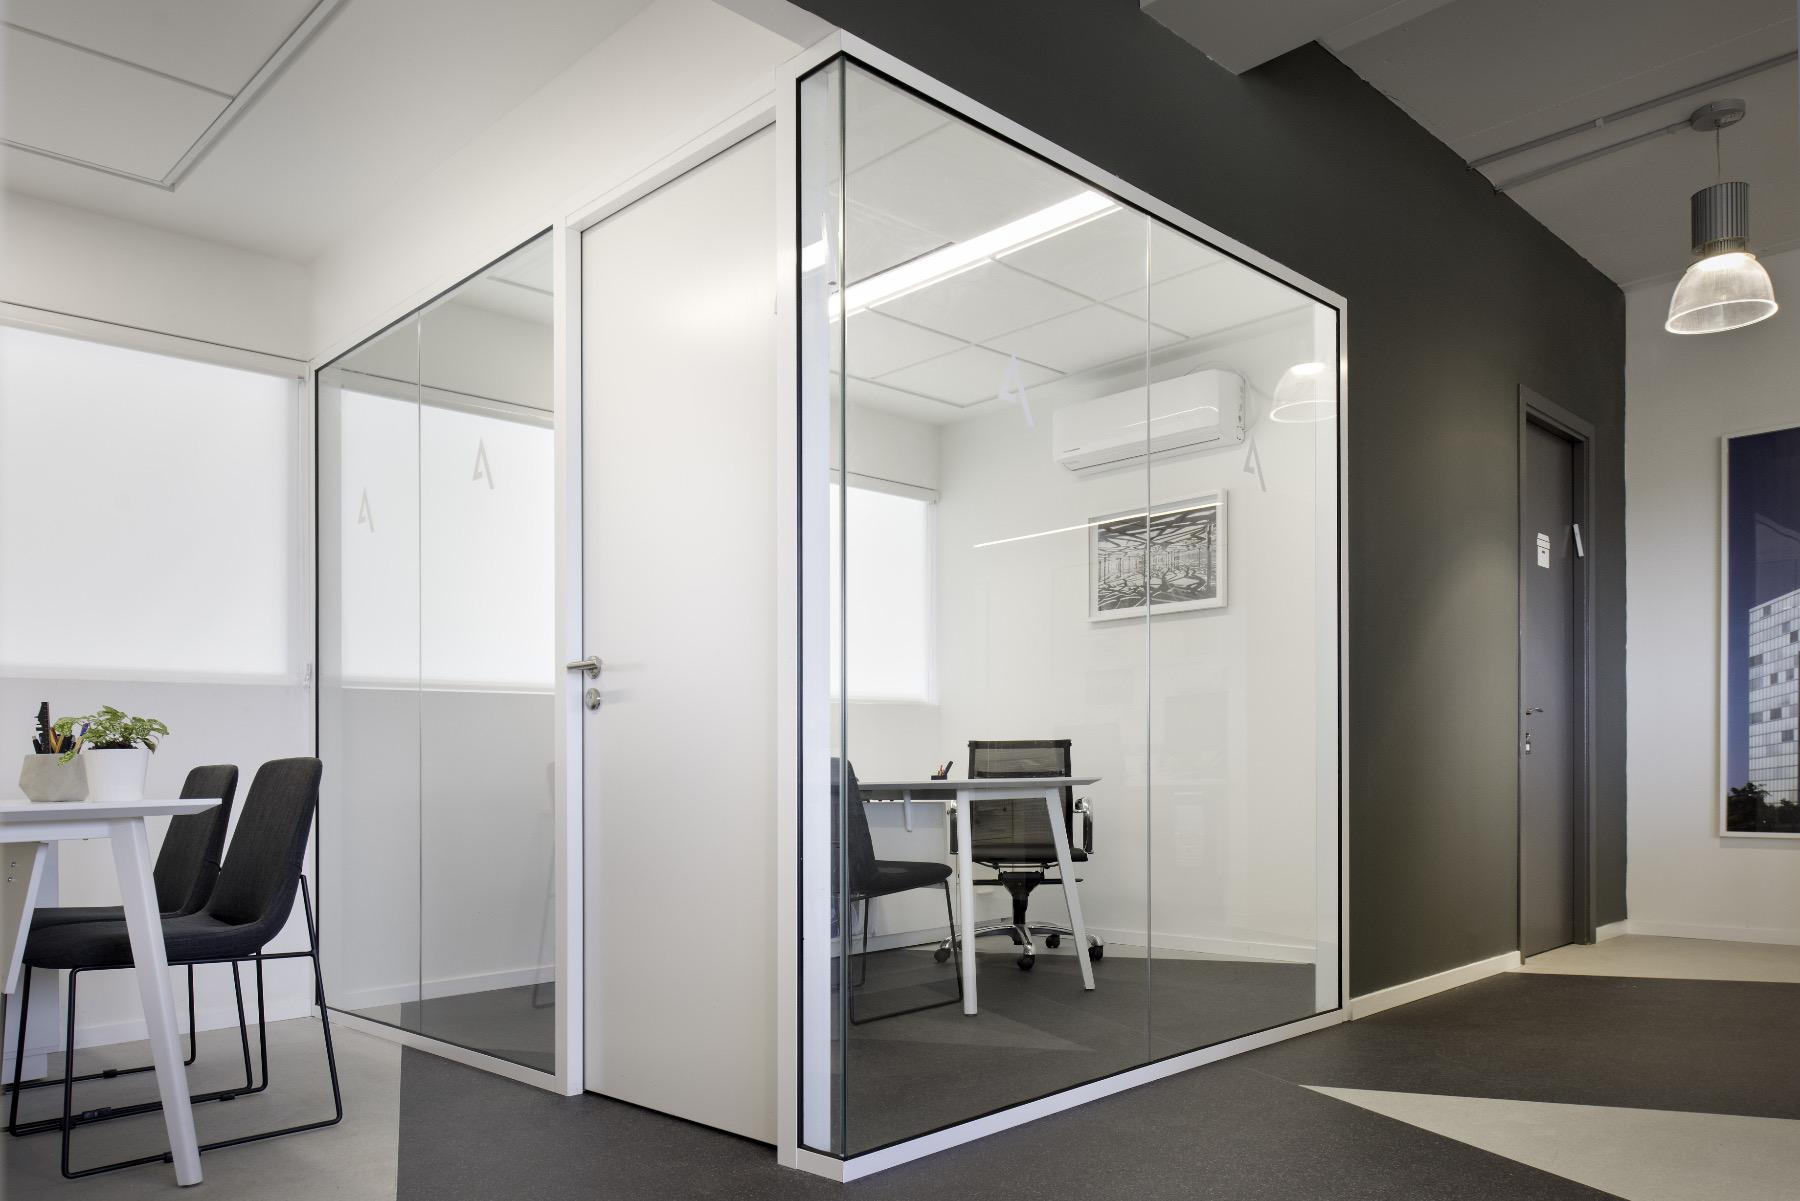 alum-eshet-office-6